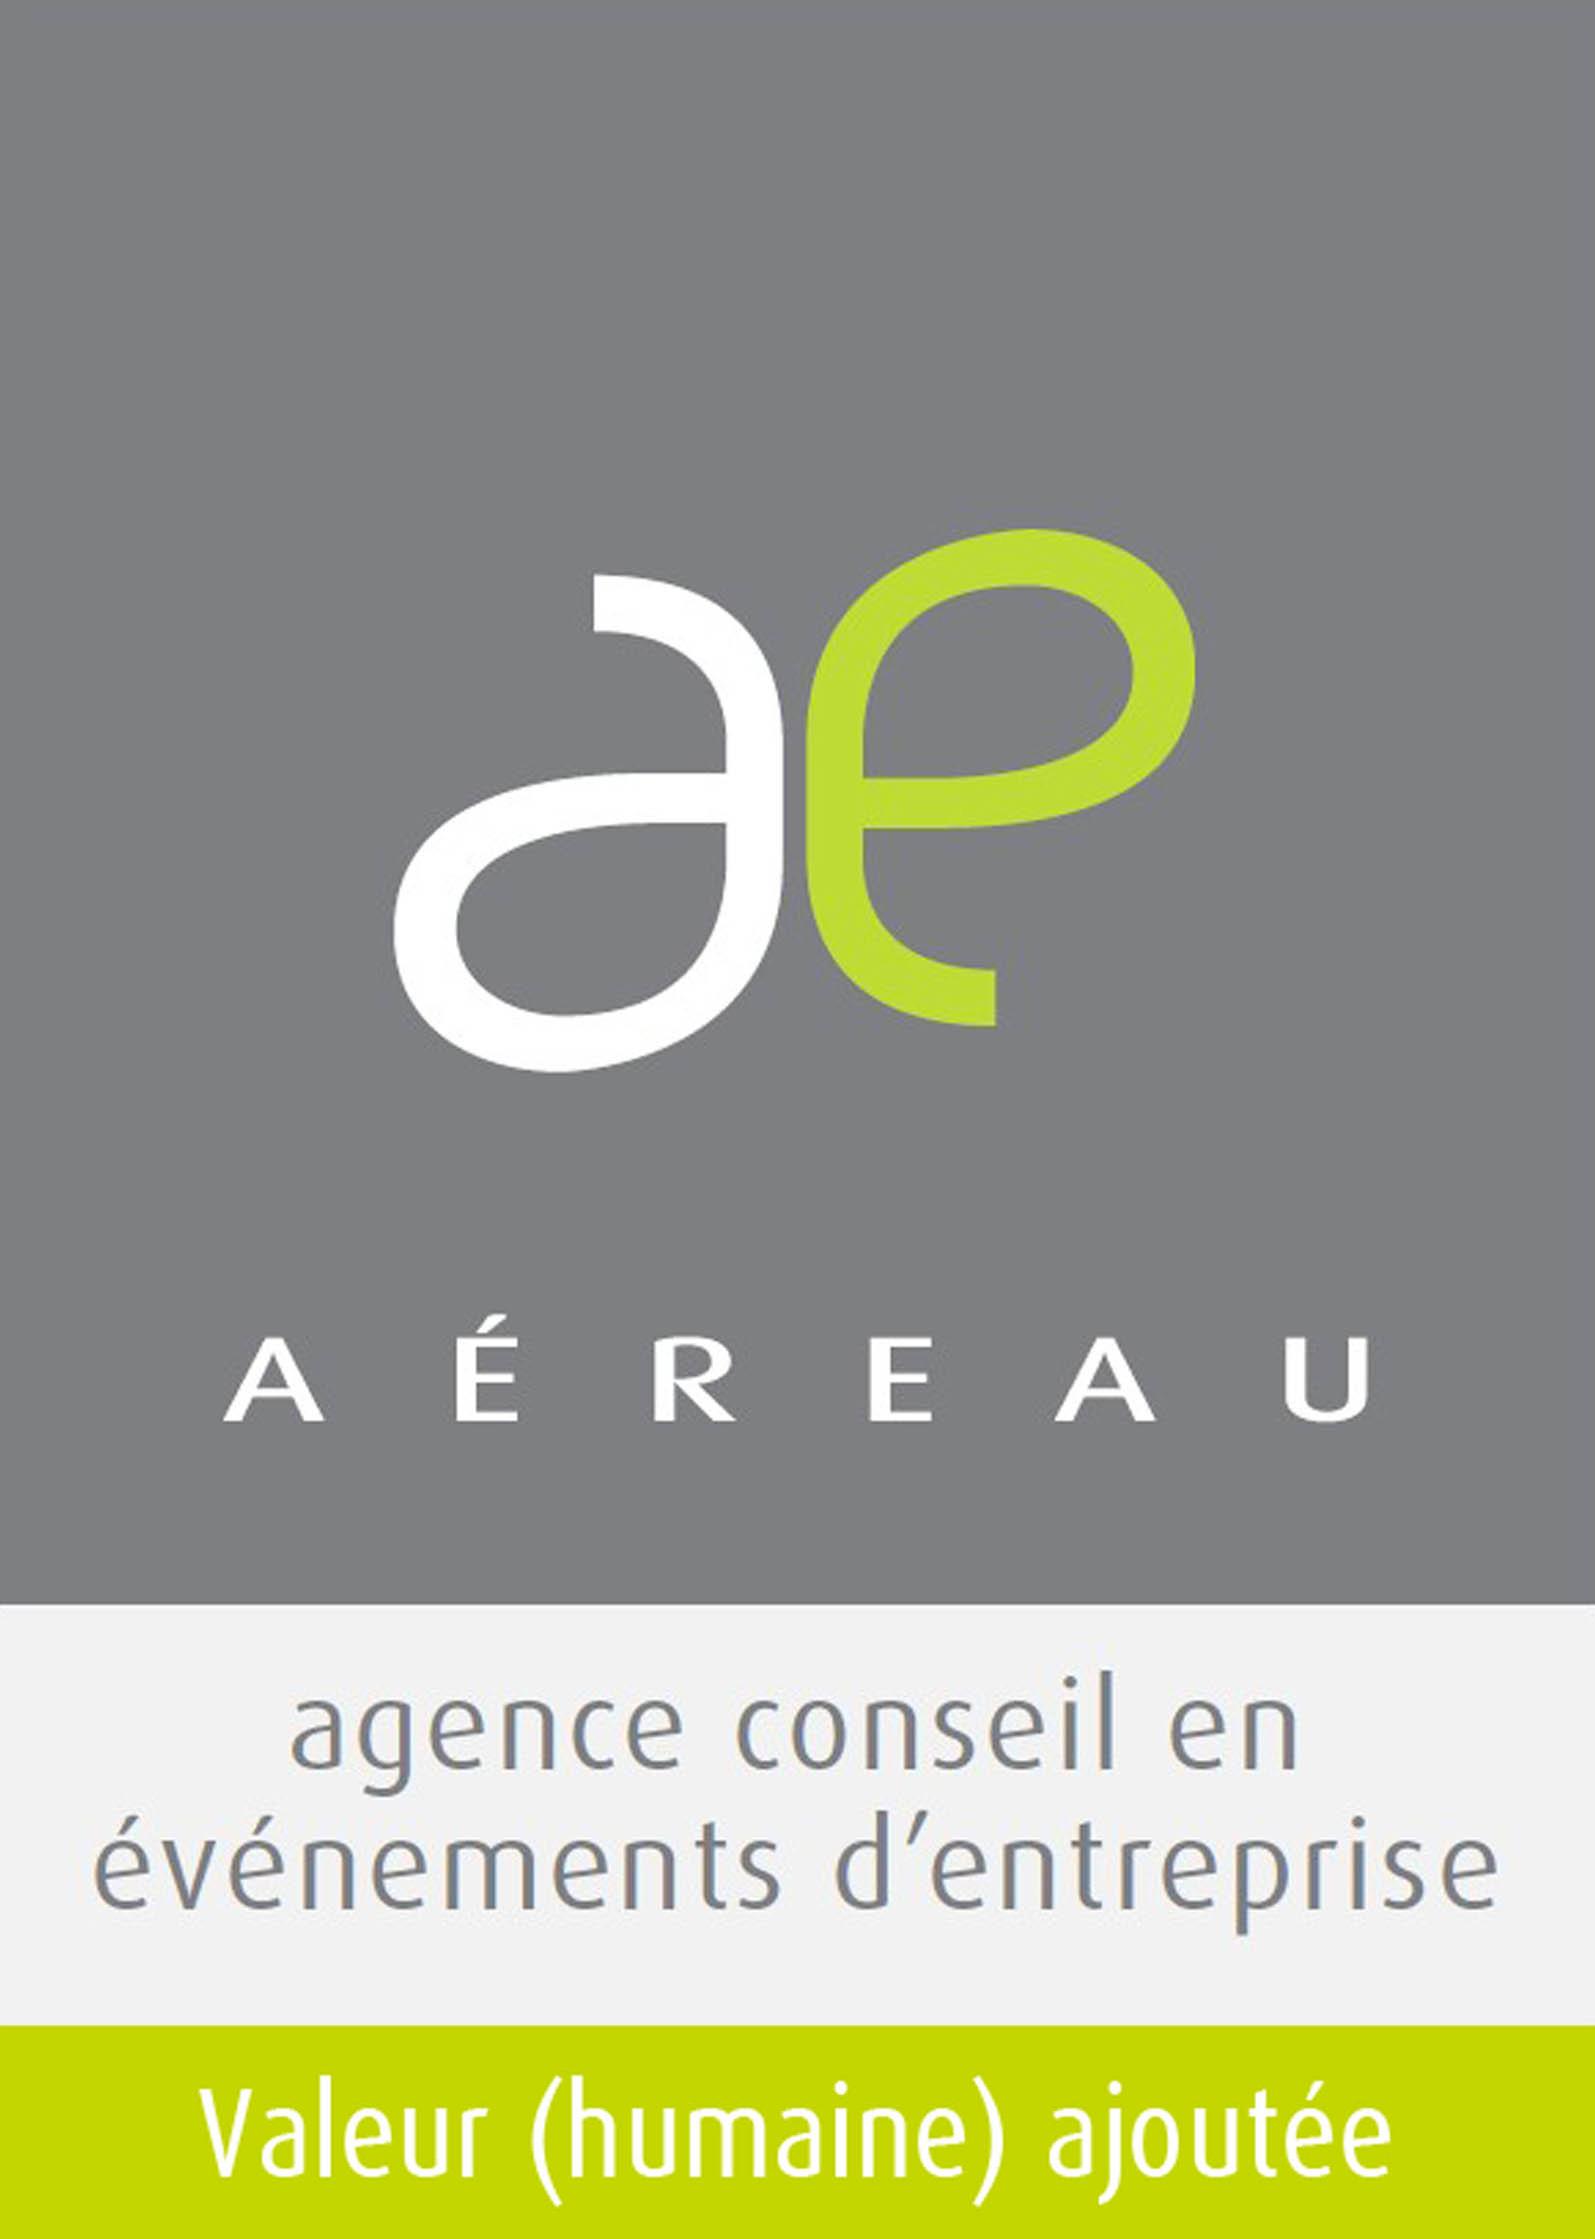 Agence aéreau